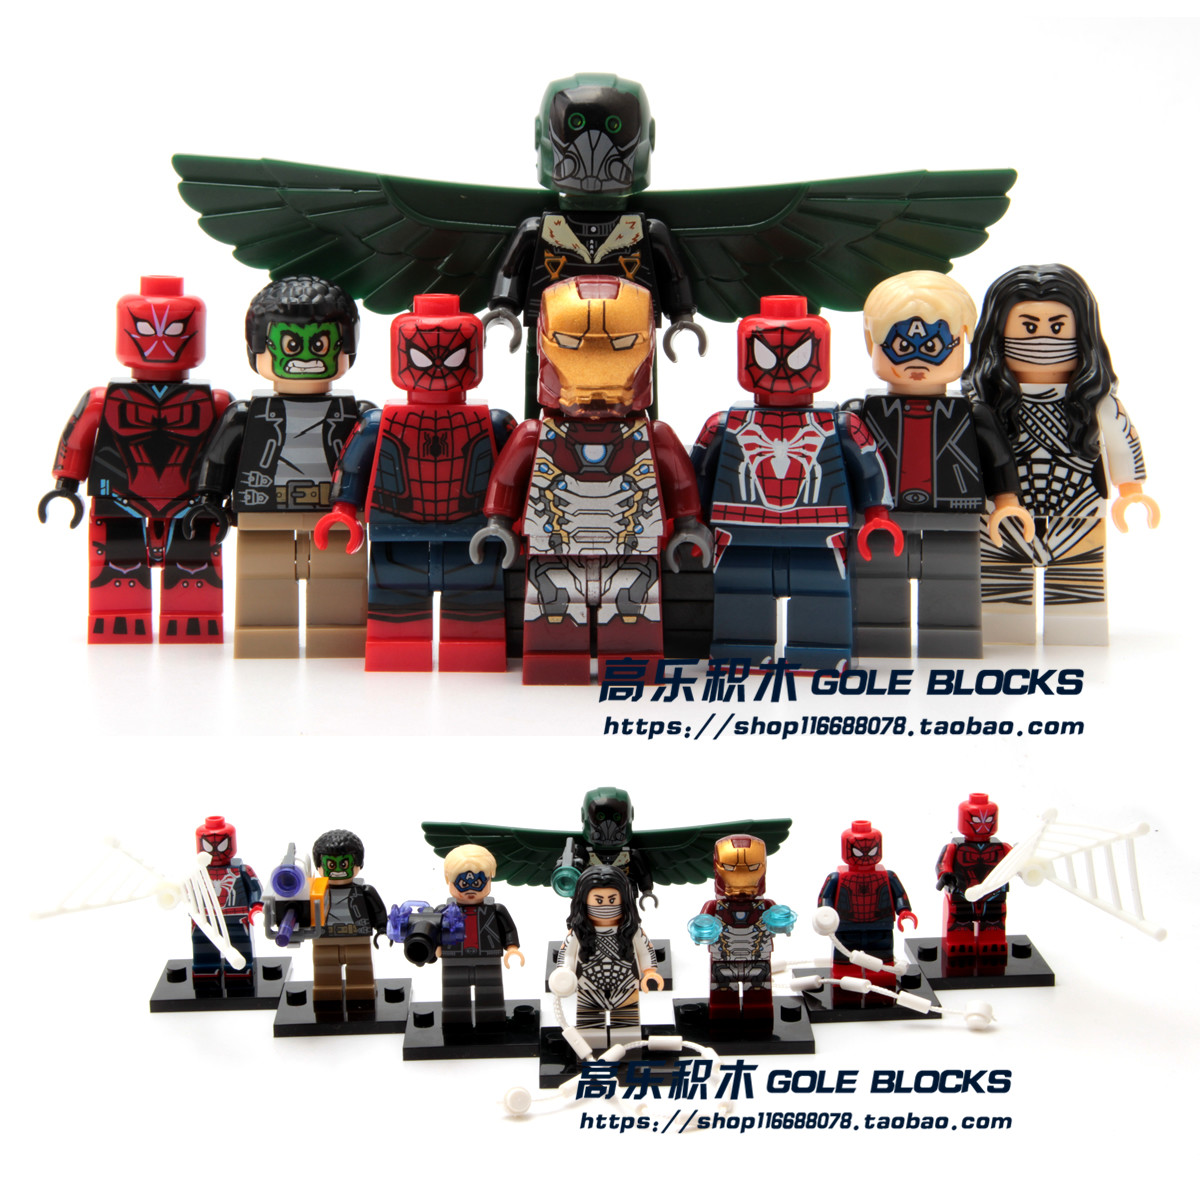 เลโก้จีน XINH.675-682 ชุด Super Heroes (สินค้ามือ 1 ไม่มีกล่อง)